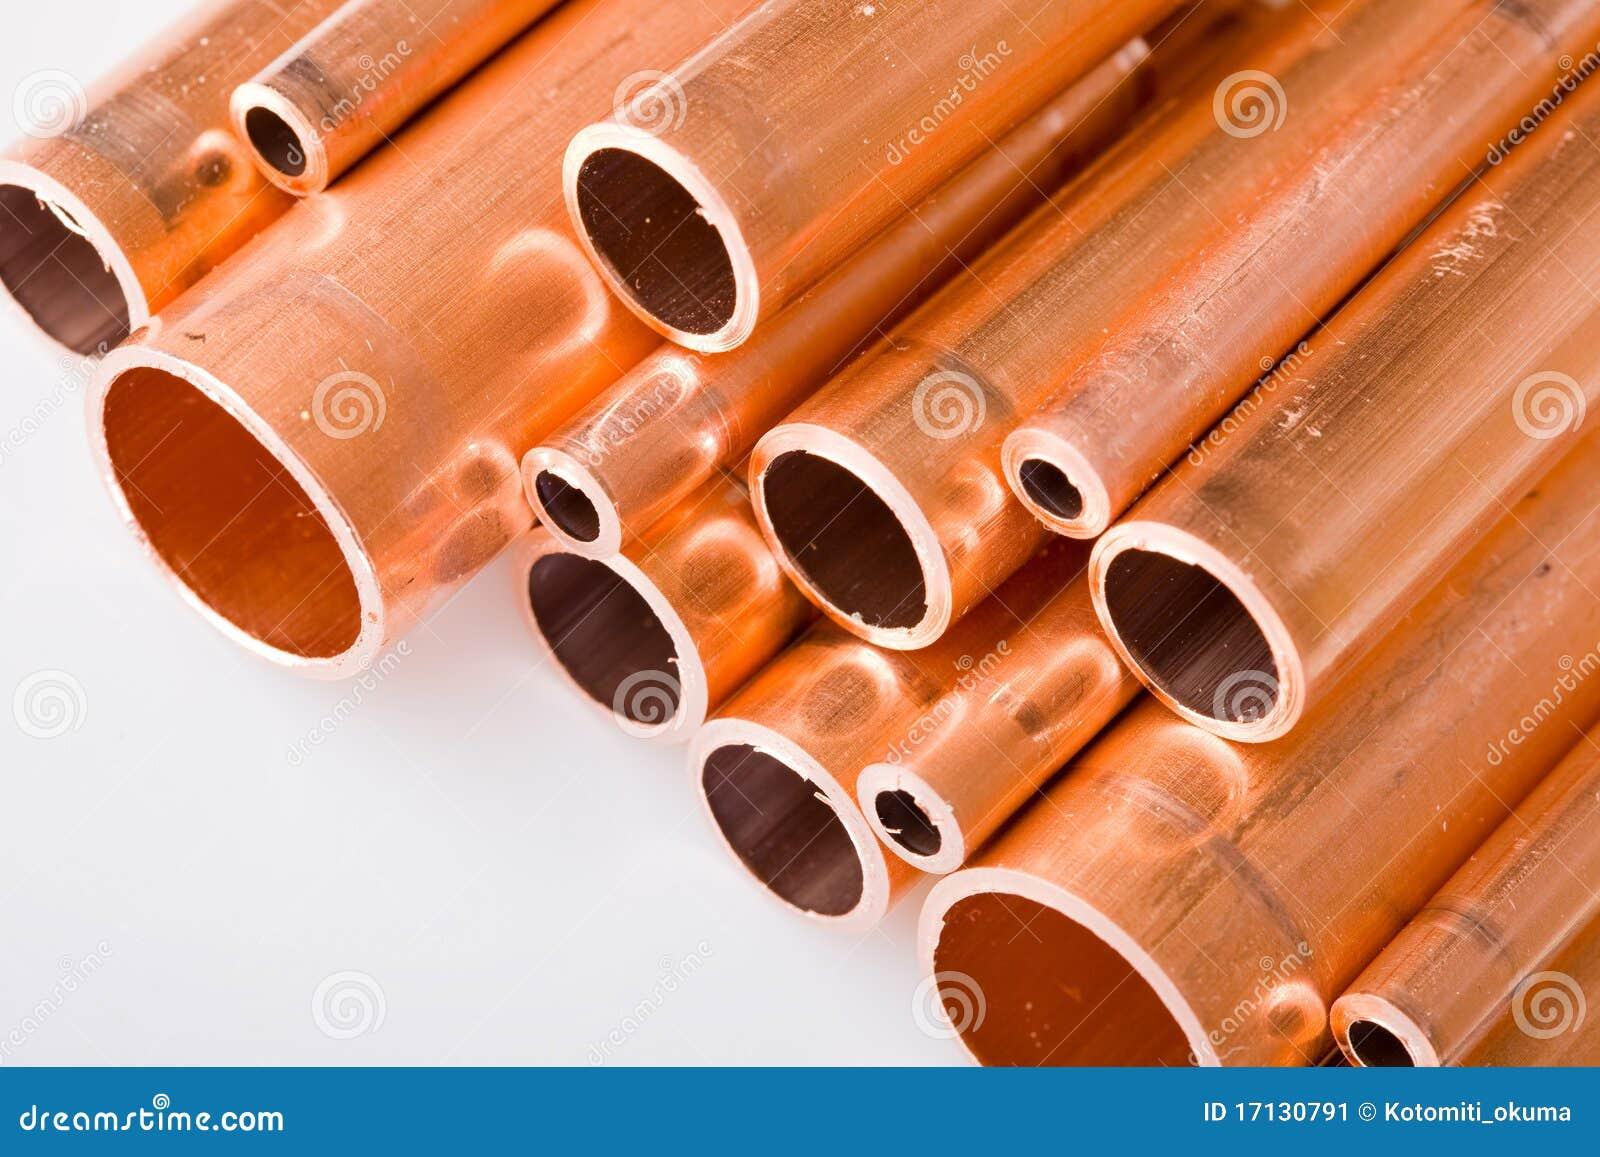 Tubos de cobre de diverso di metro imagen de archivo - Precio de tuberia de cobre ...